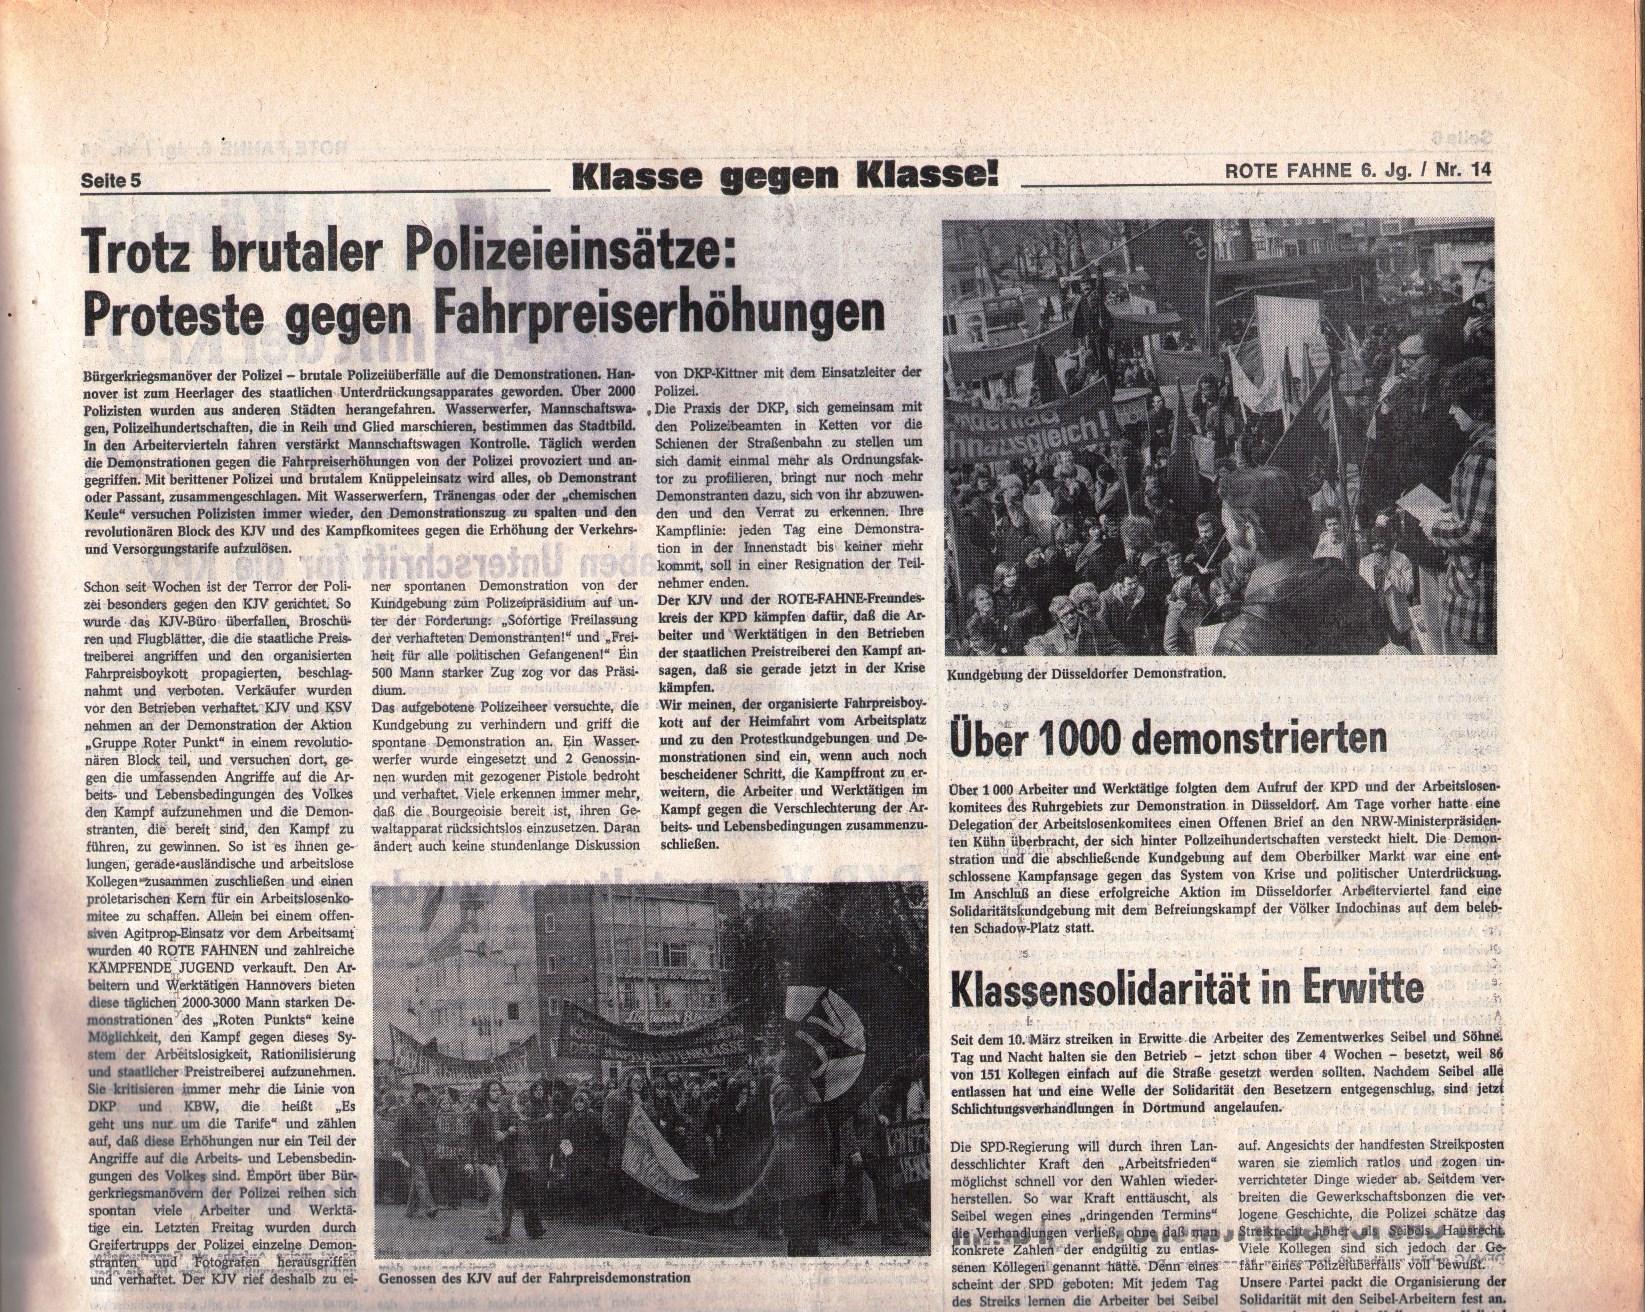 KPD_Rote_Fahne_1975_14_09